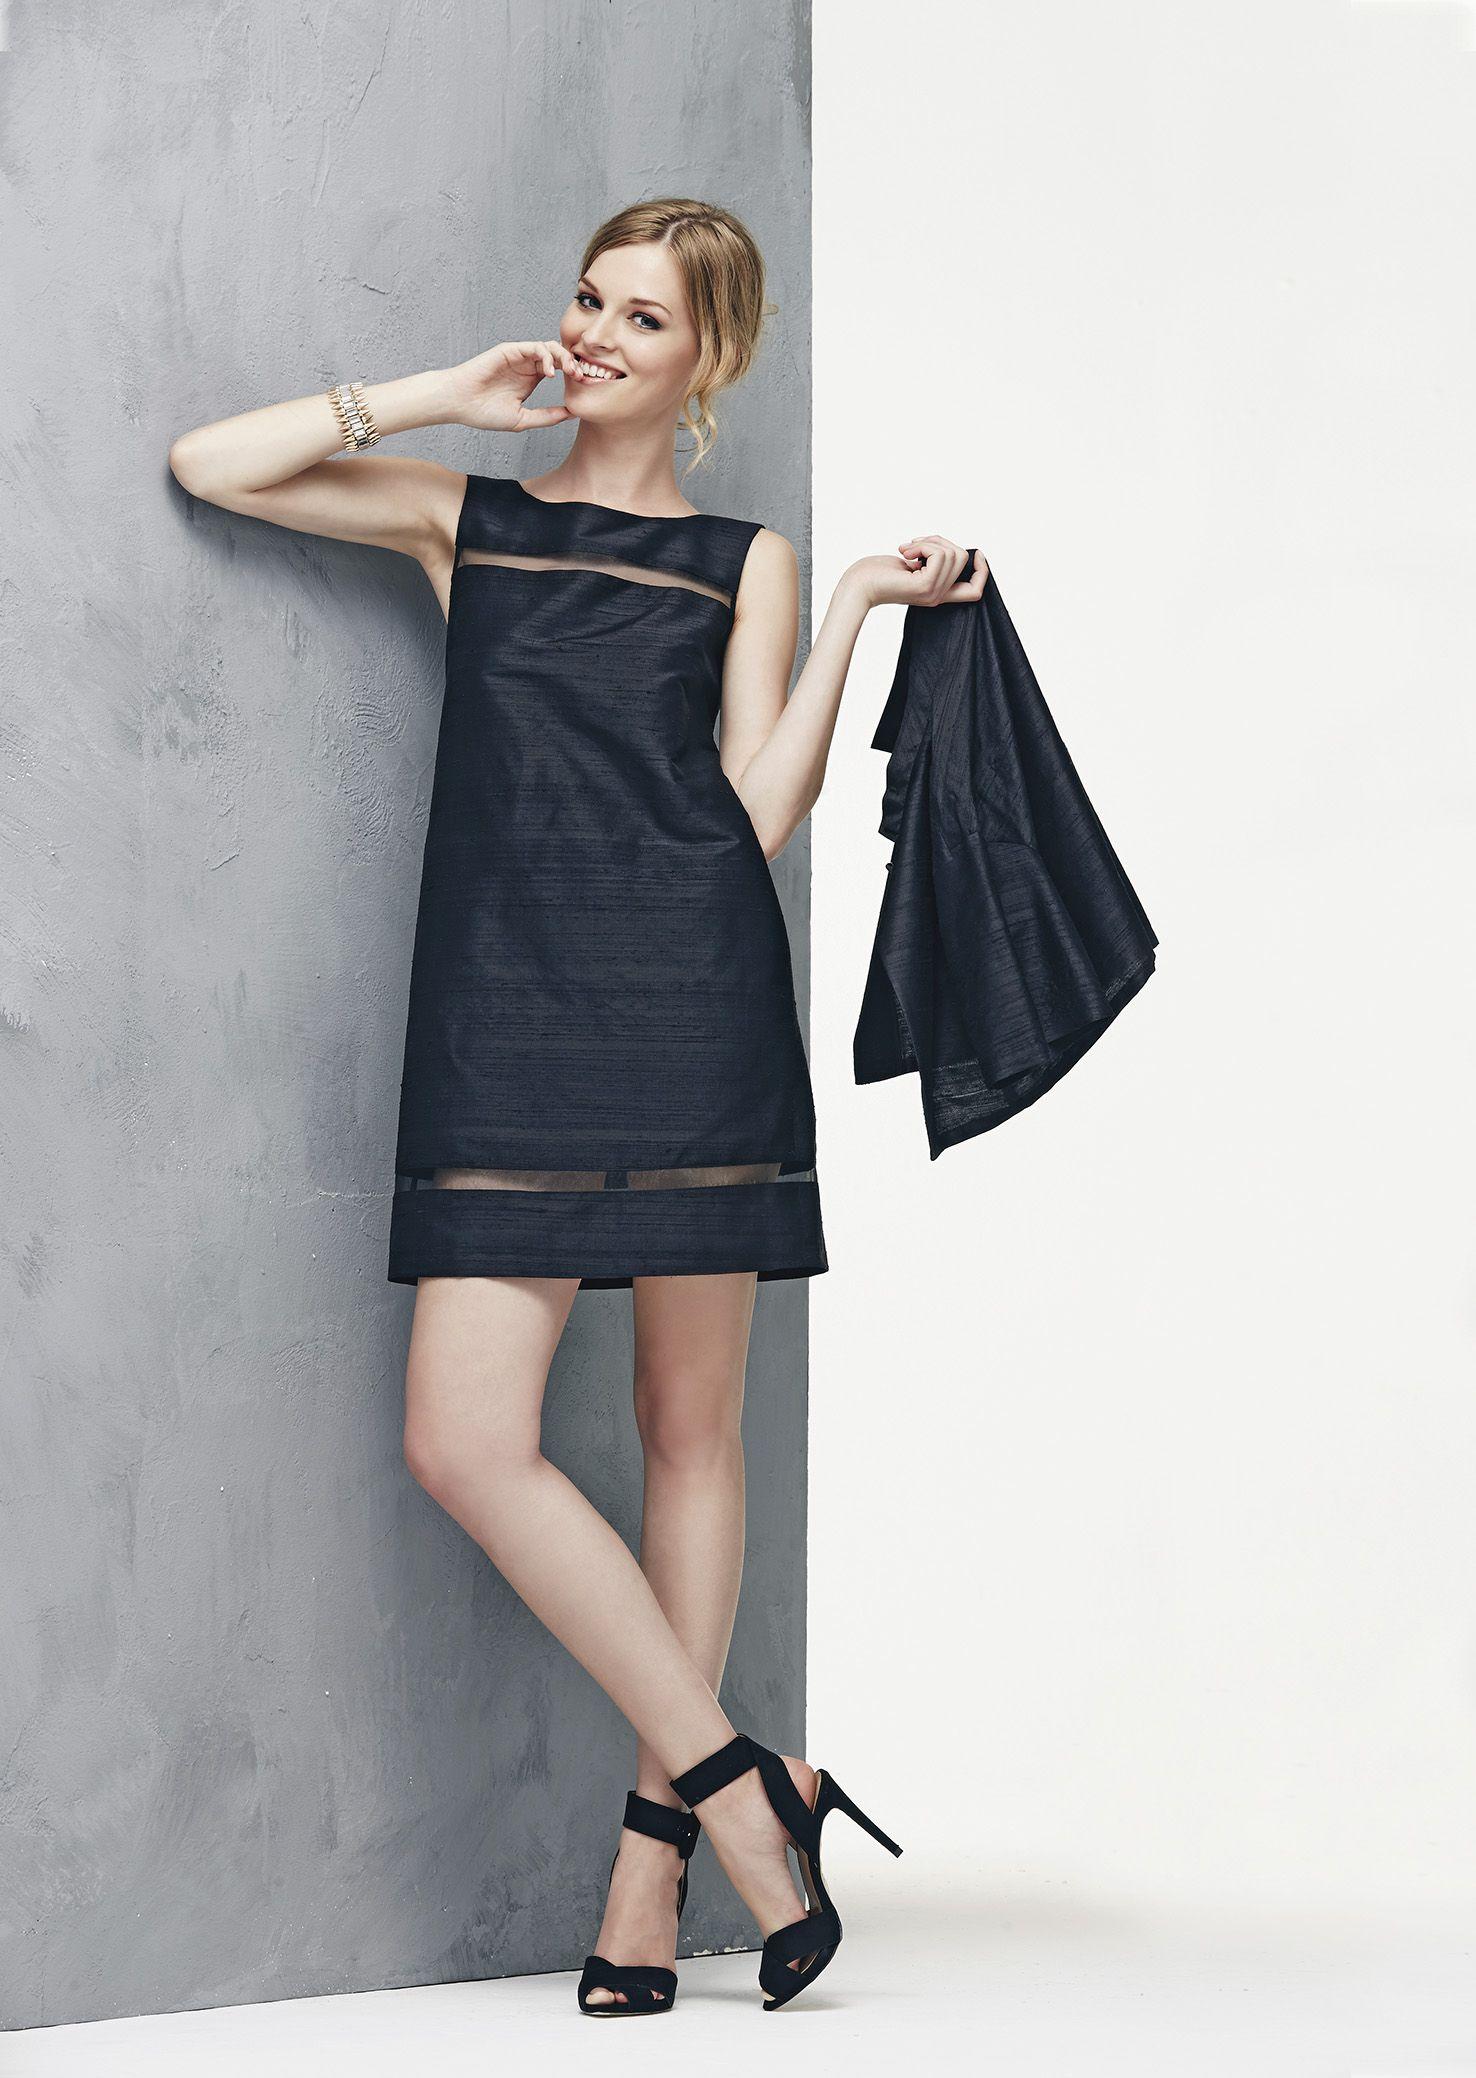 82a0a7ca43 Shantung di seta nera per l'abito a trapezio con bordure trasparenti ...